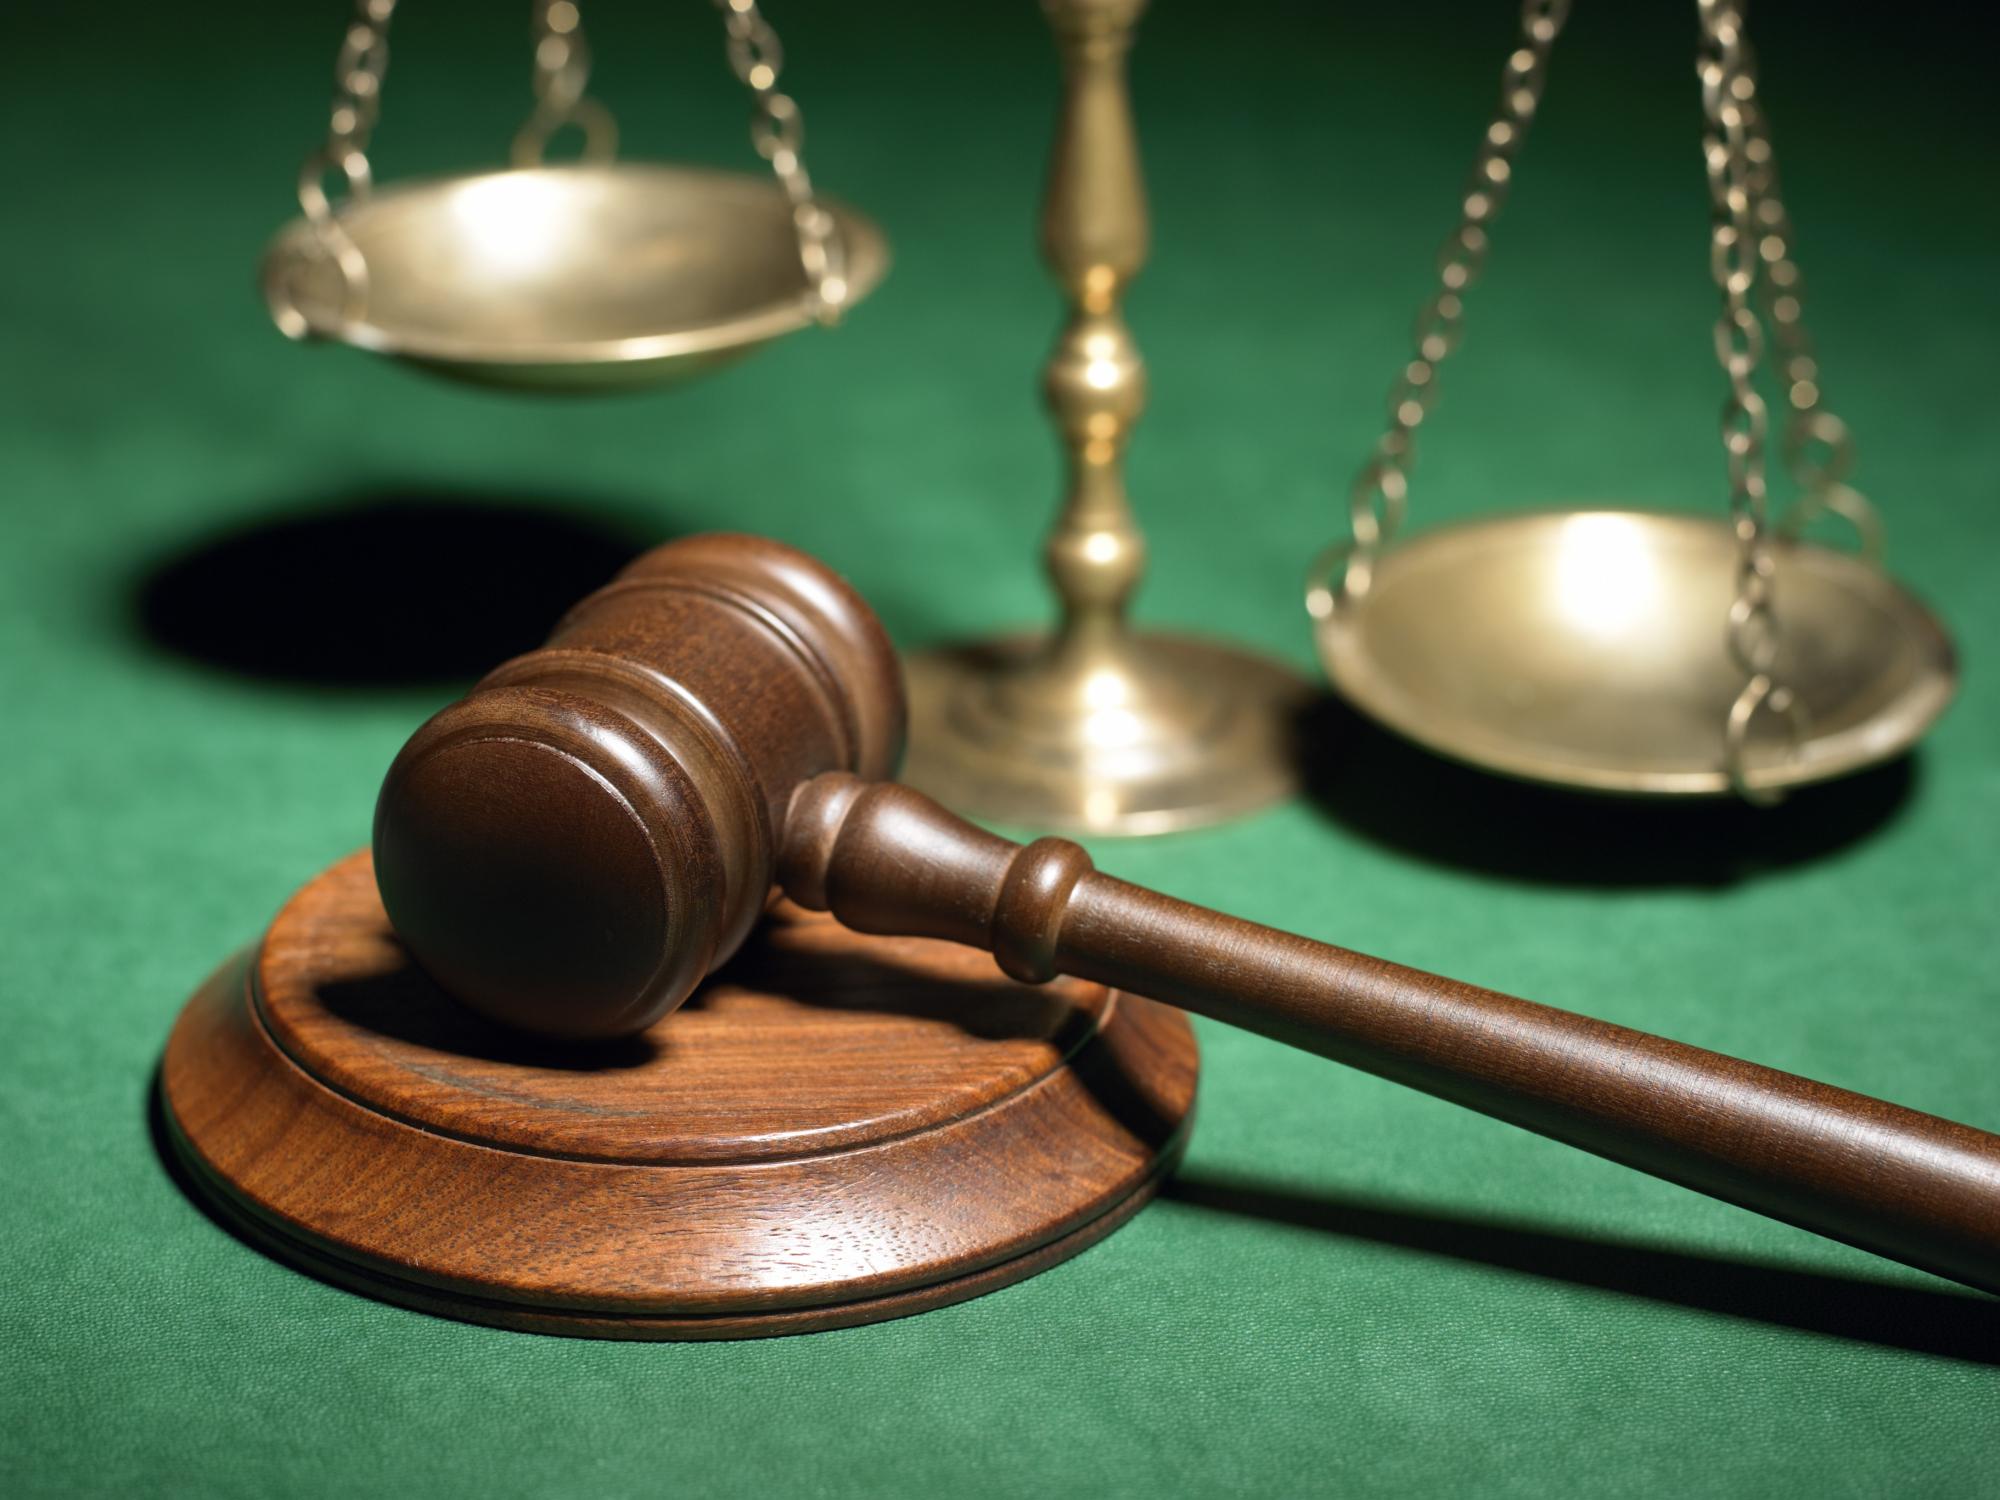 ممنوعہ بور کا اسلحہ فروخت کرنے کے الزام میں نازبر یاسین سے ایک شخص گرفتار